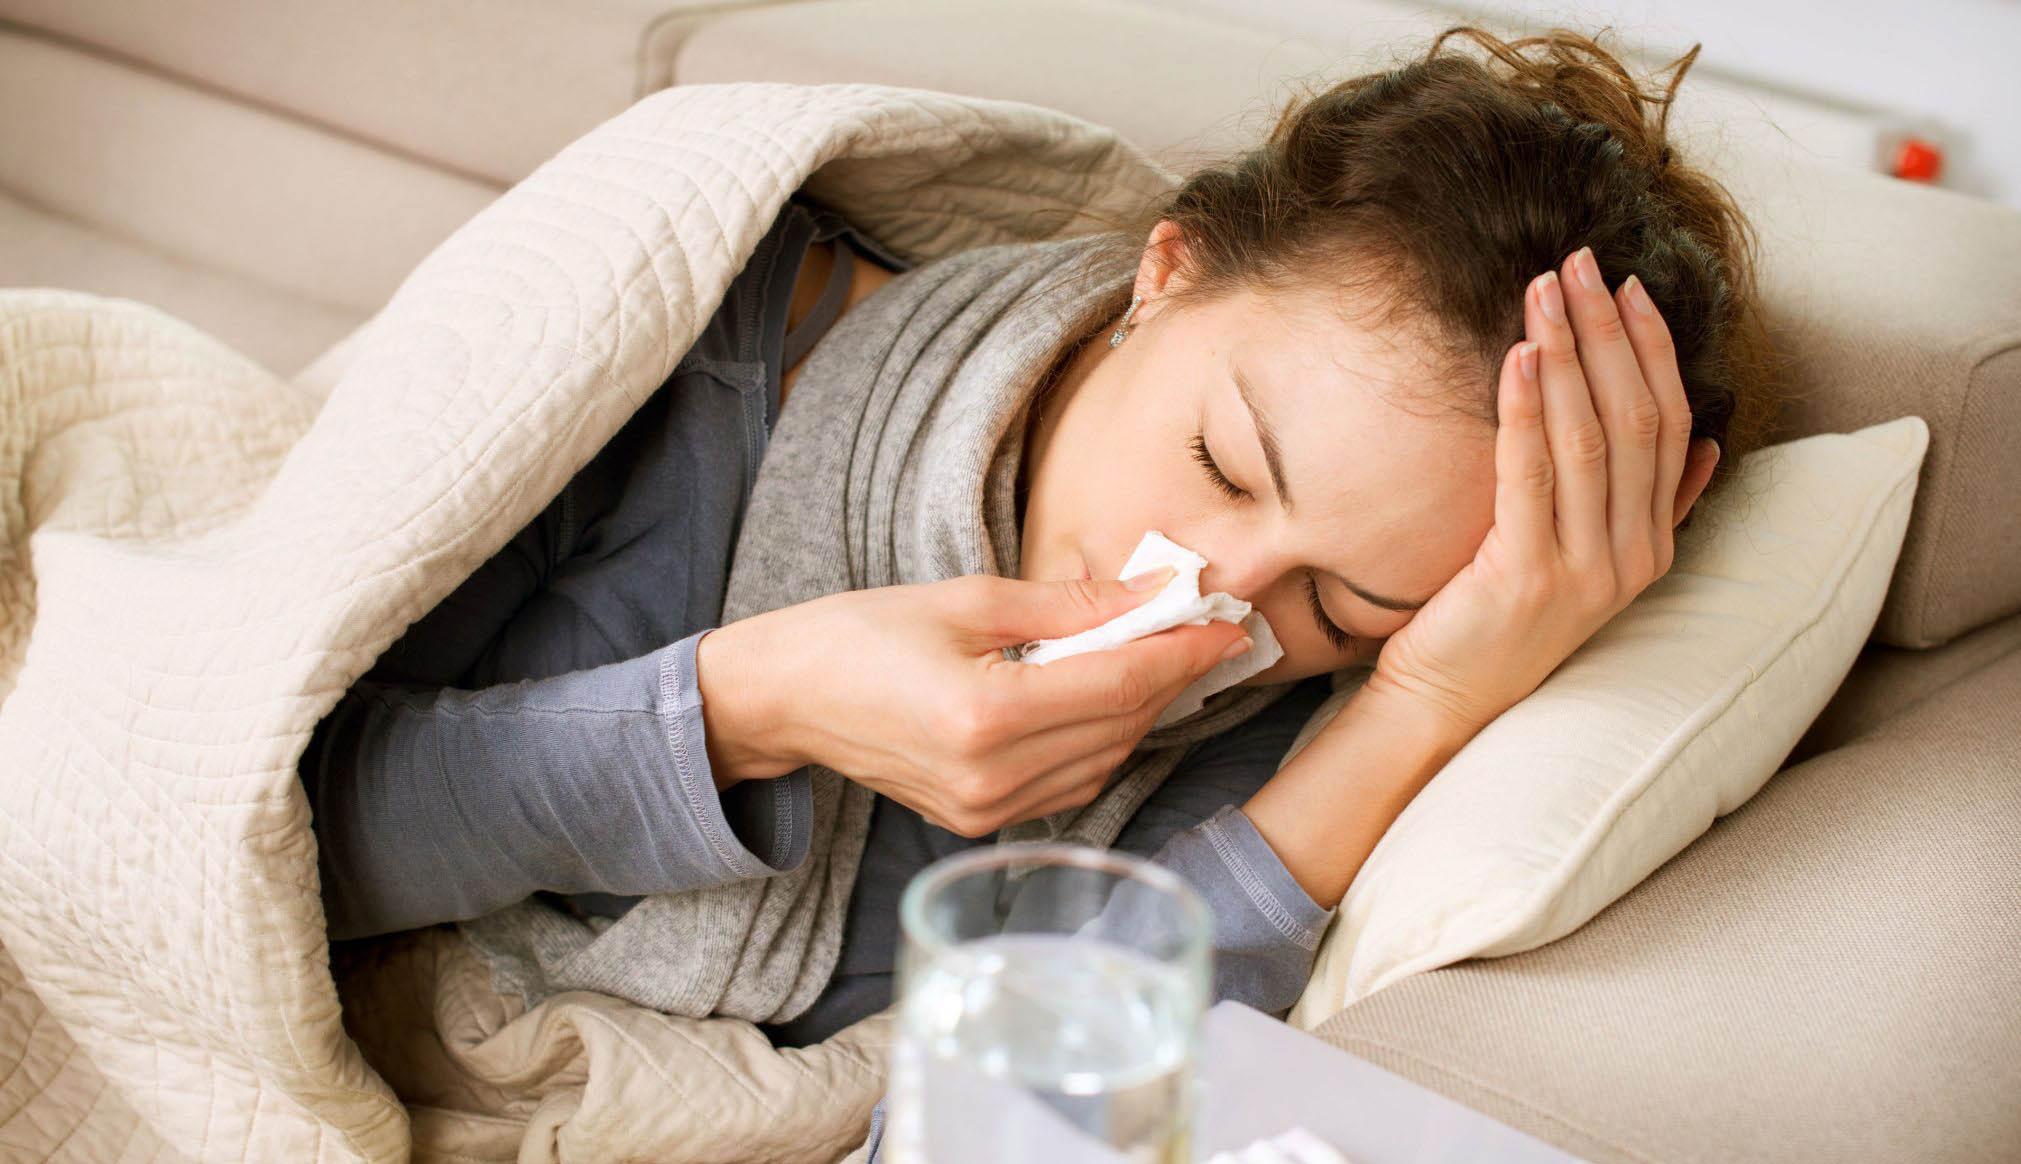 Vegyük komolyan az influenzát!